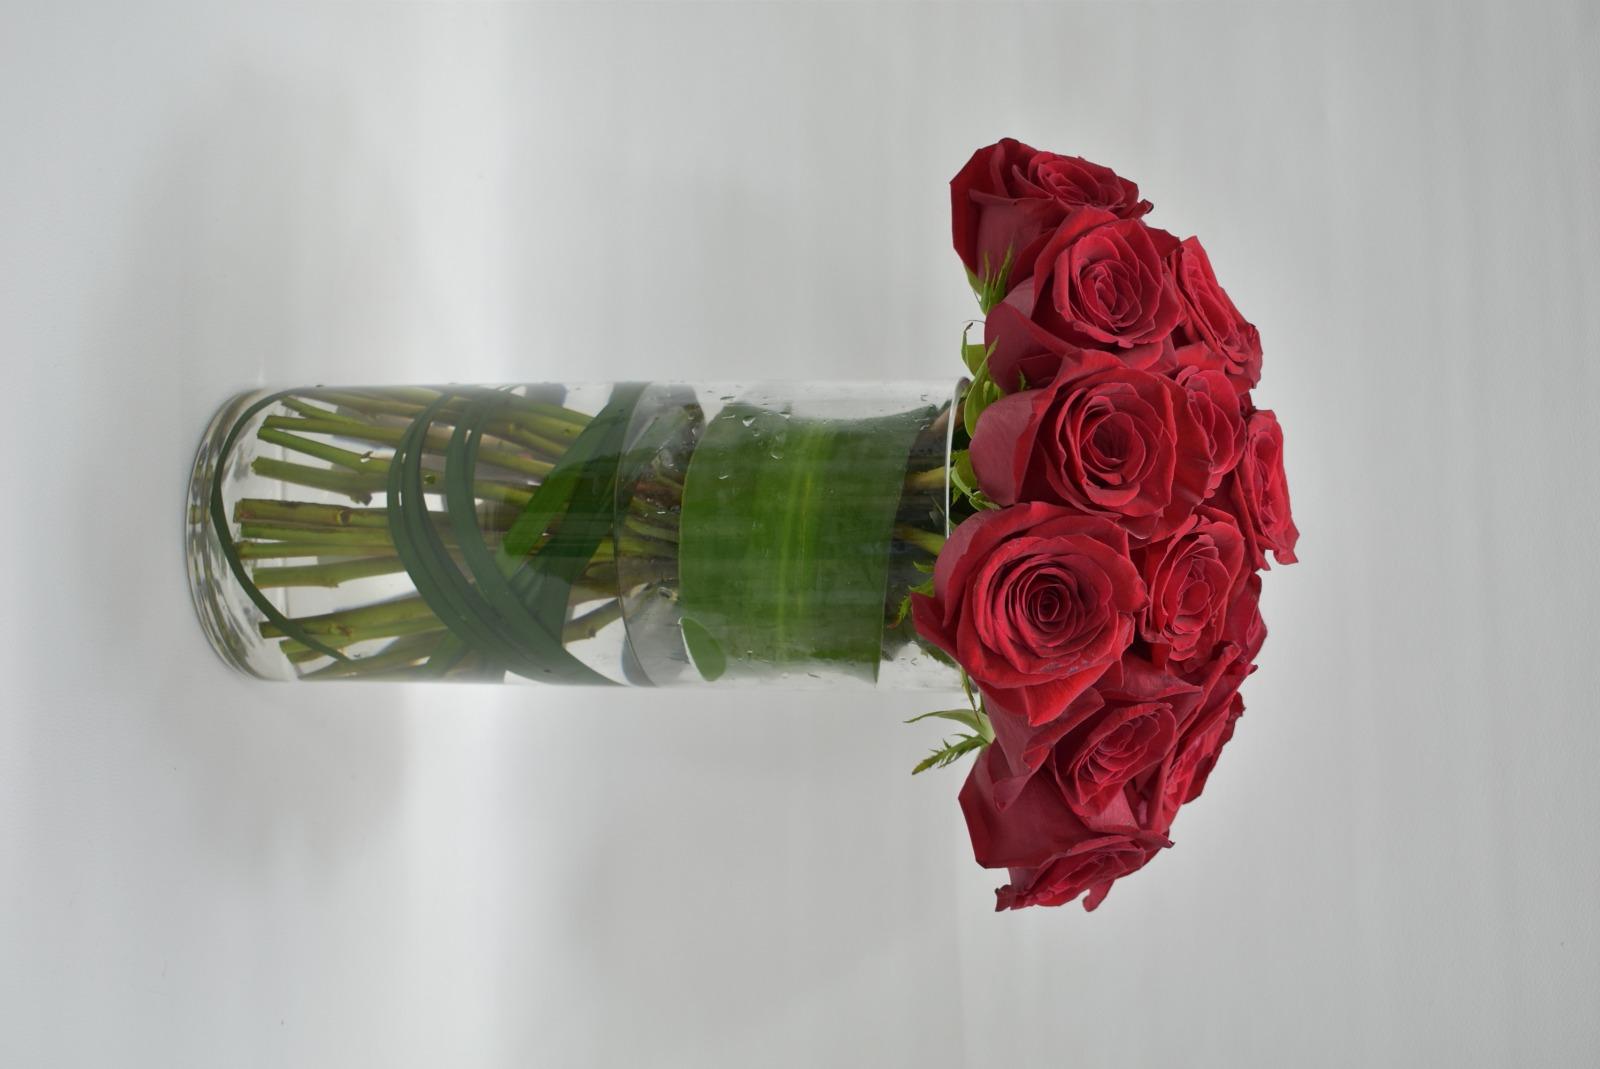 مزهرية جوري - أحمر 'زهور مع قاعدة'